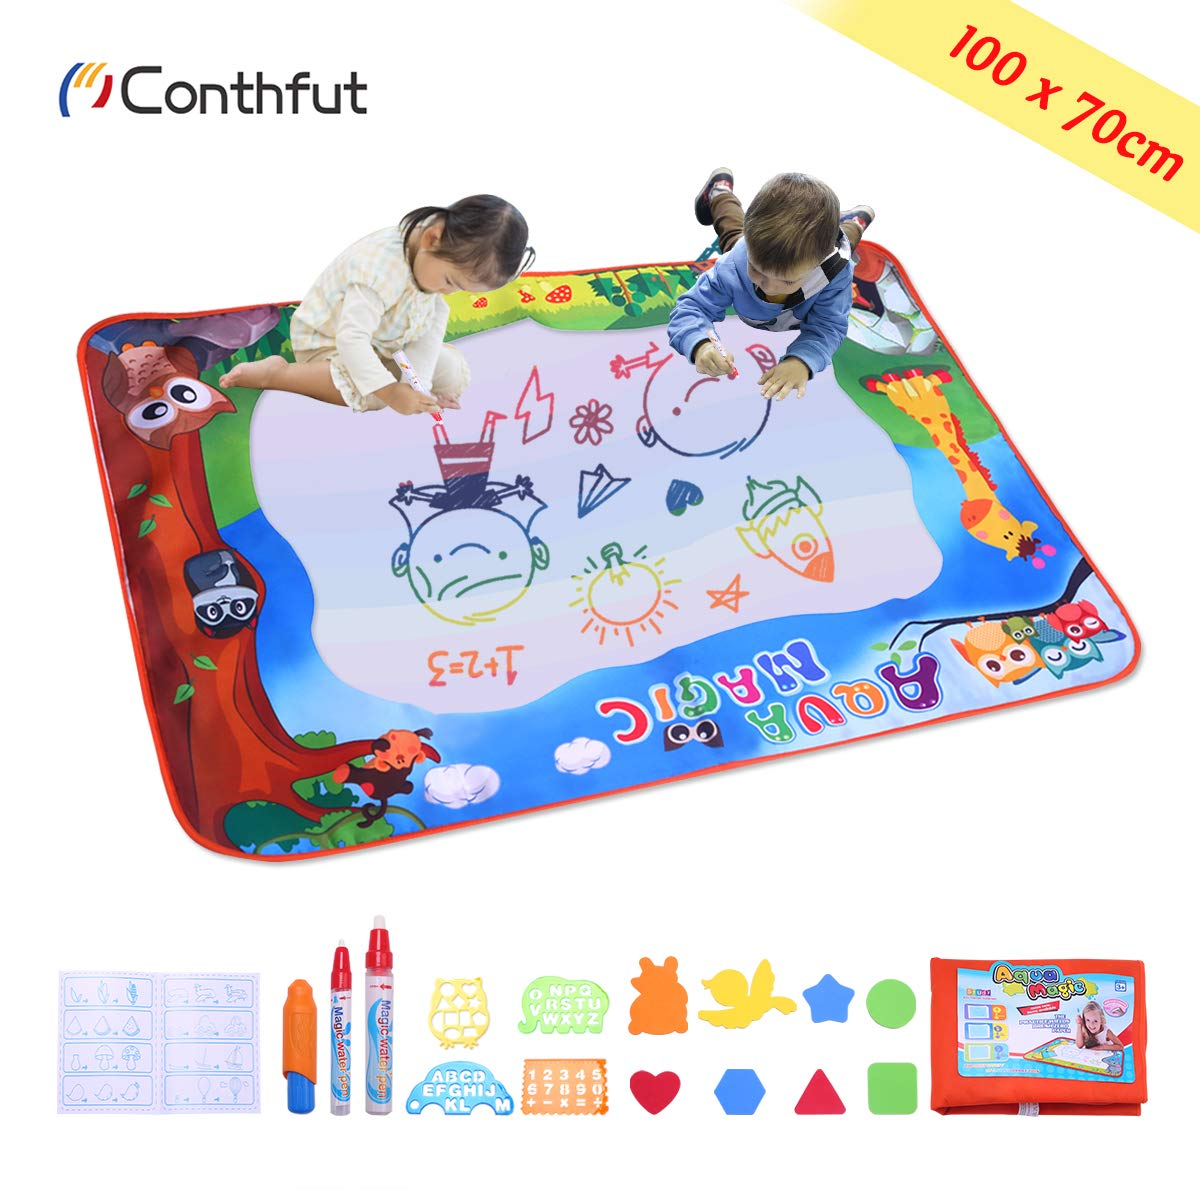 608035aa8e Conthfut Kids Toddler Wasser Zeichnen Matte Toy mit 2 Stiftes, 100 x 70 cm,  ...